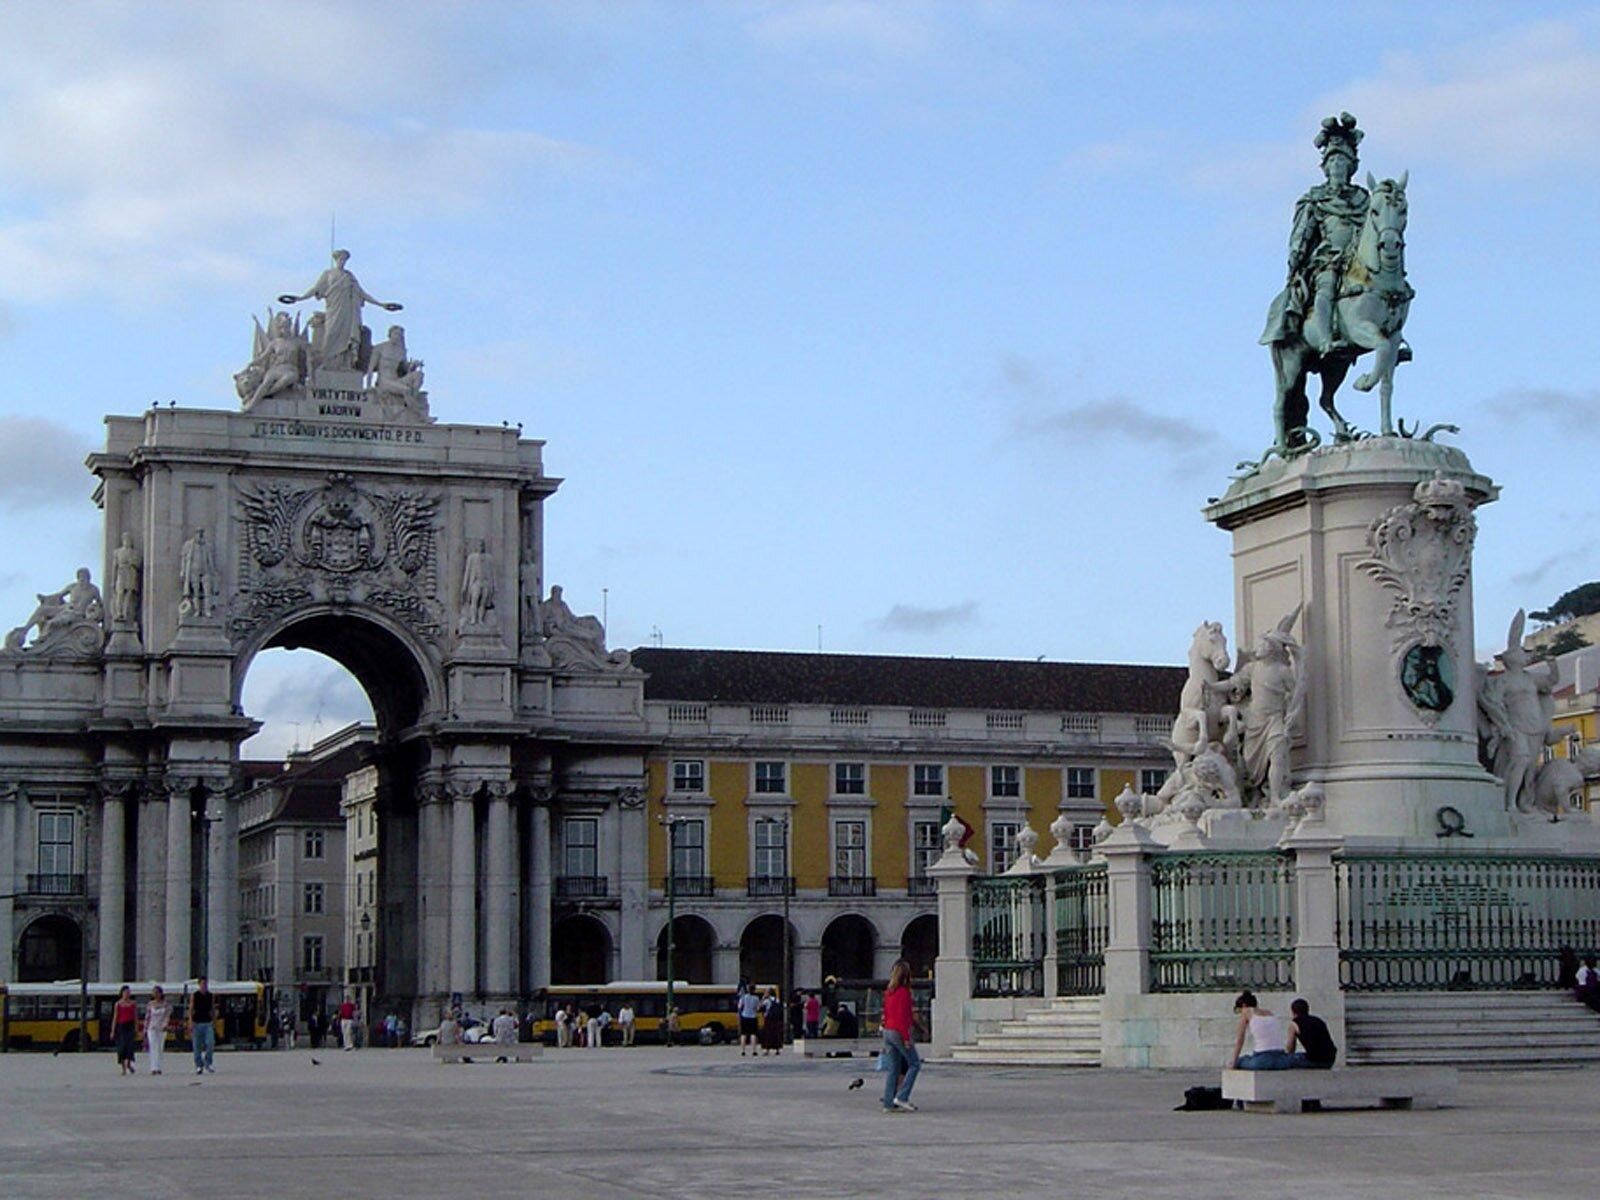 Торговая площадь. Достопримечательности Лиссабона